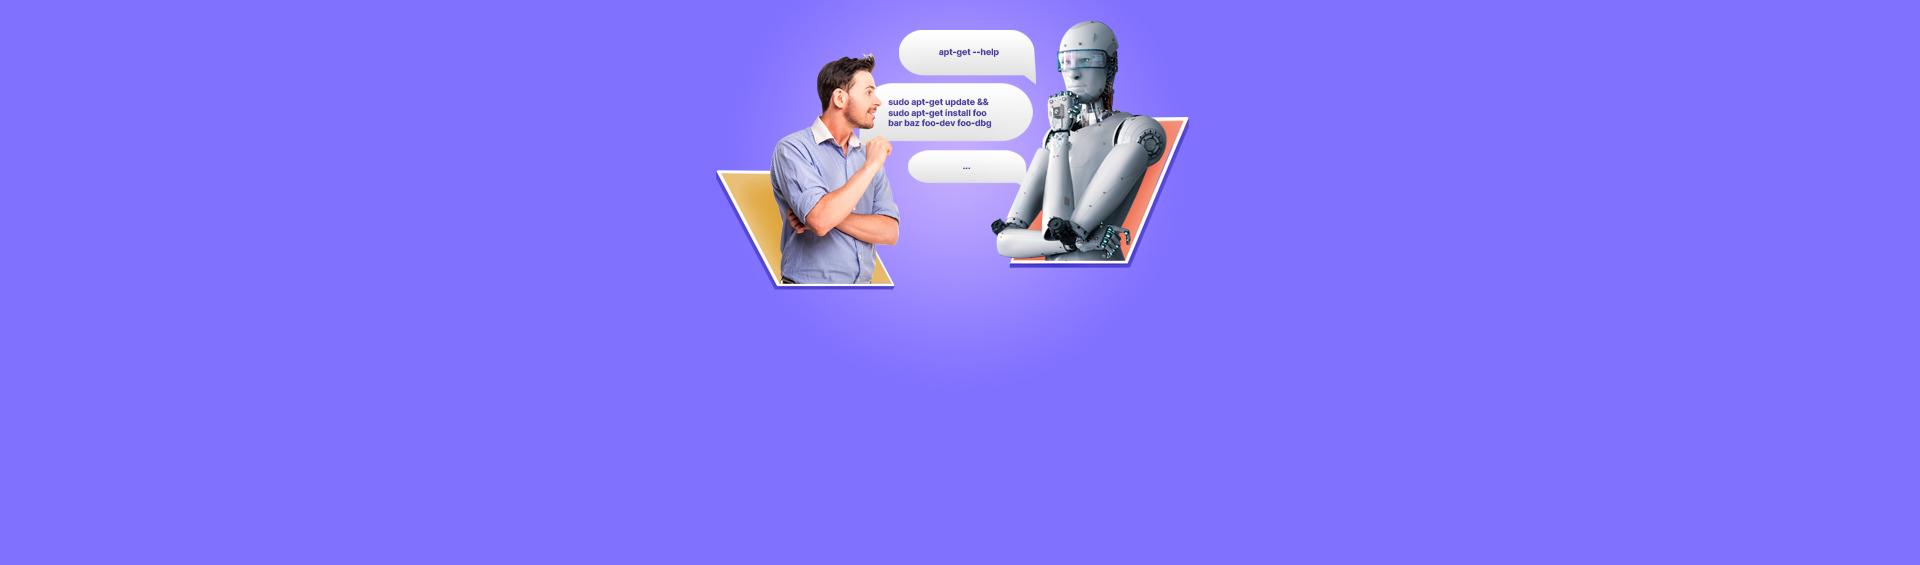 Типичные проблемы программистов: как их решить, если вы — заказчик